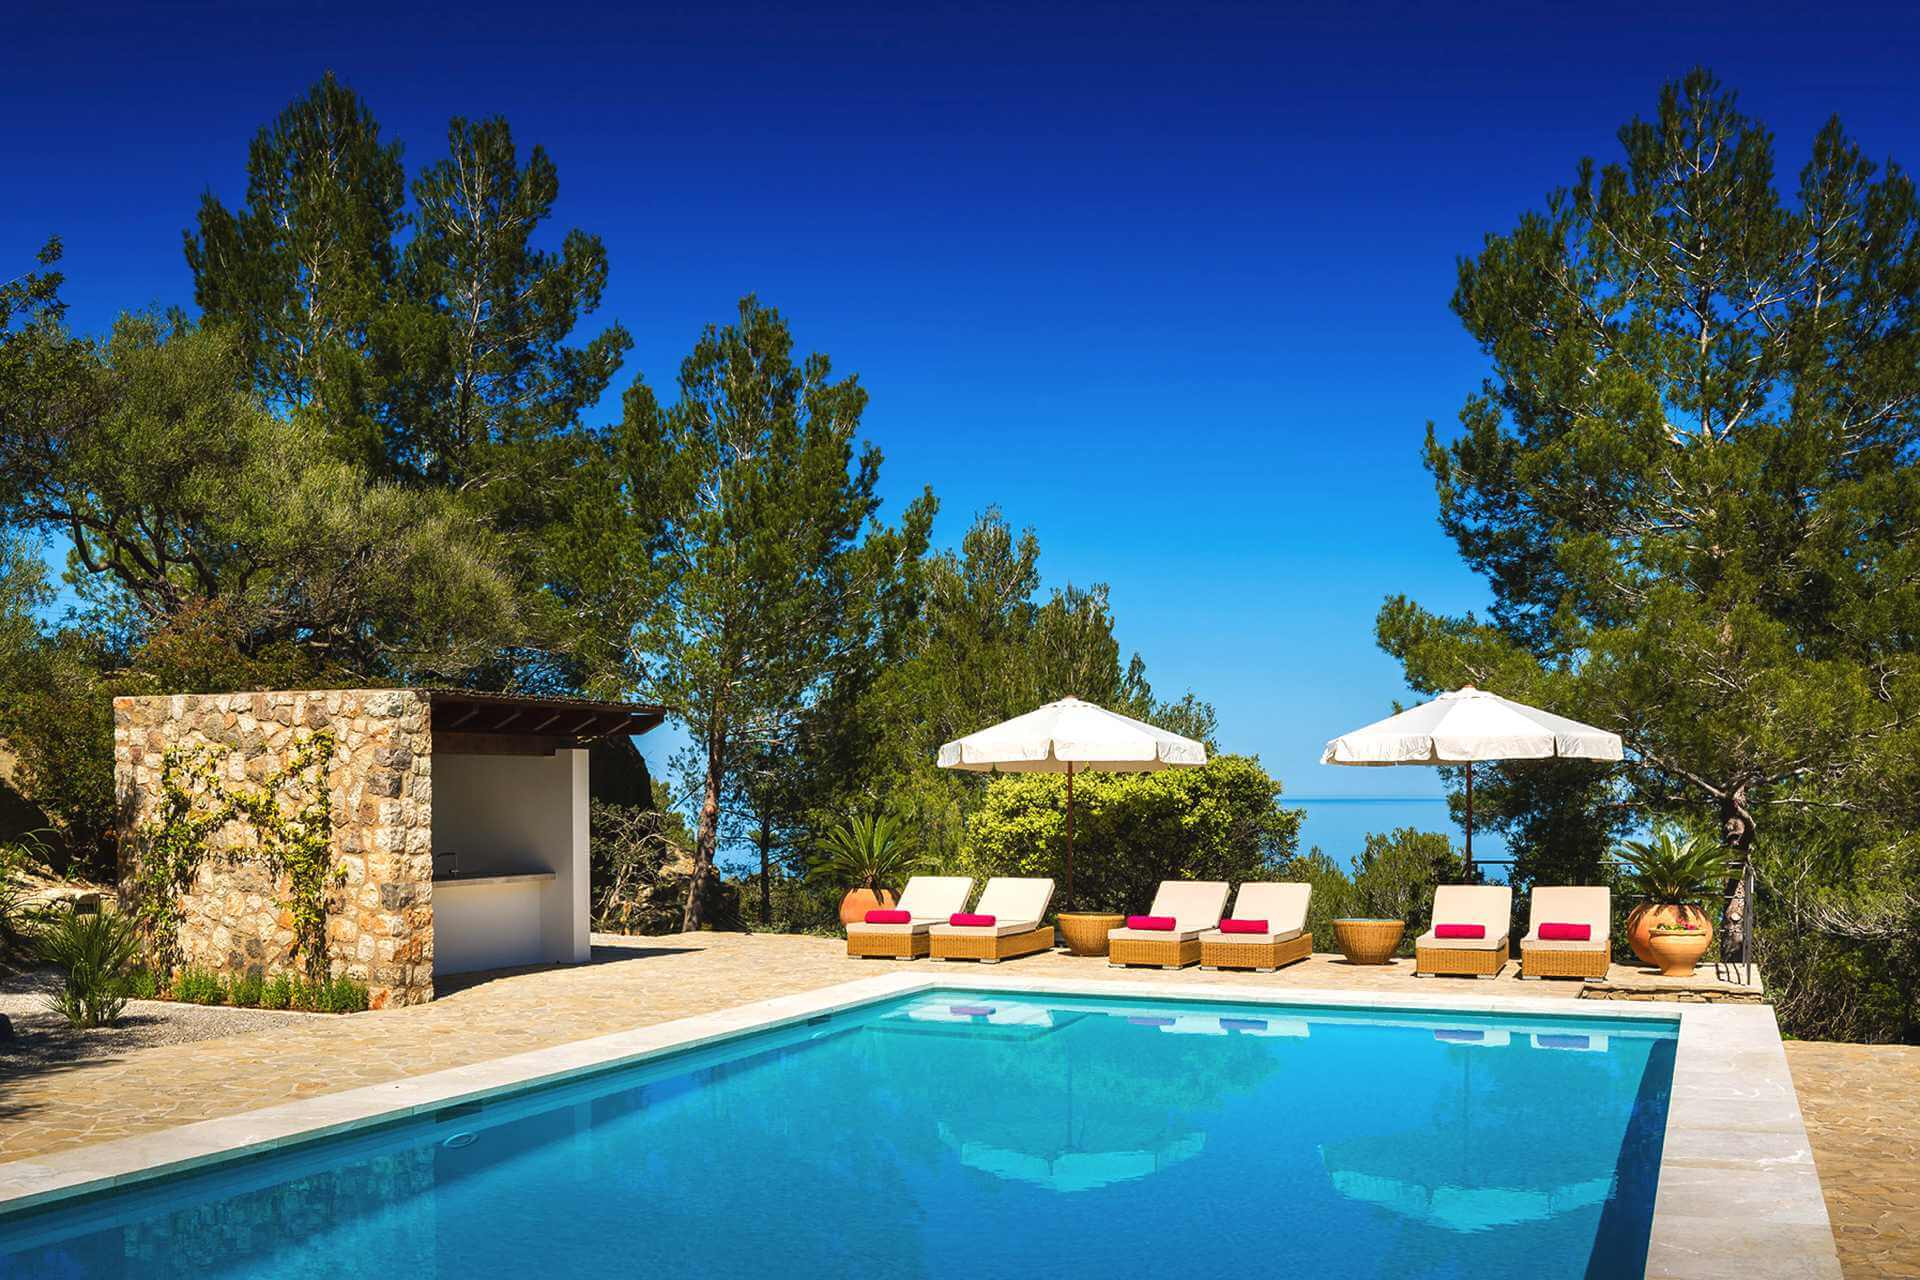 01-334 Luxus Finca Mallorca Westen Bild 3